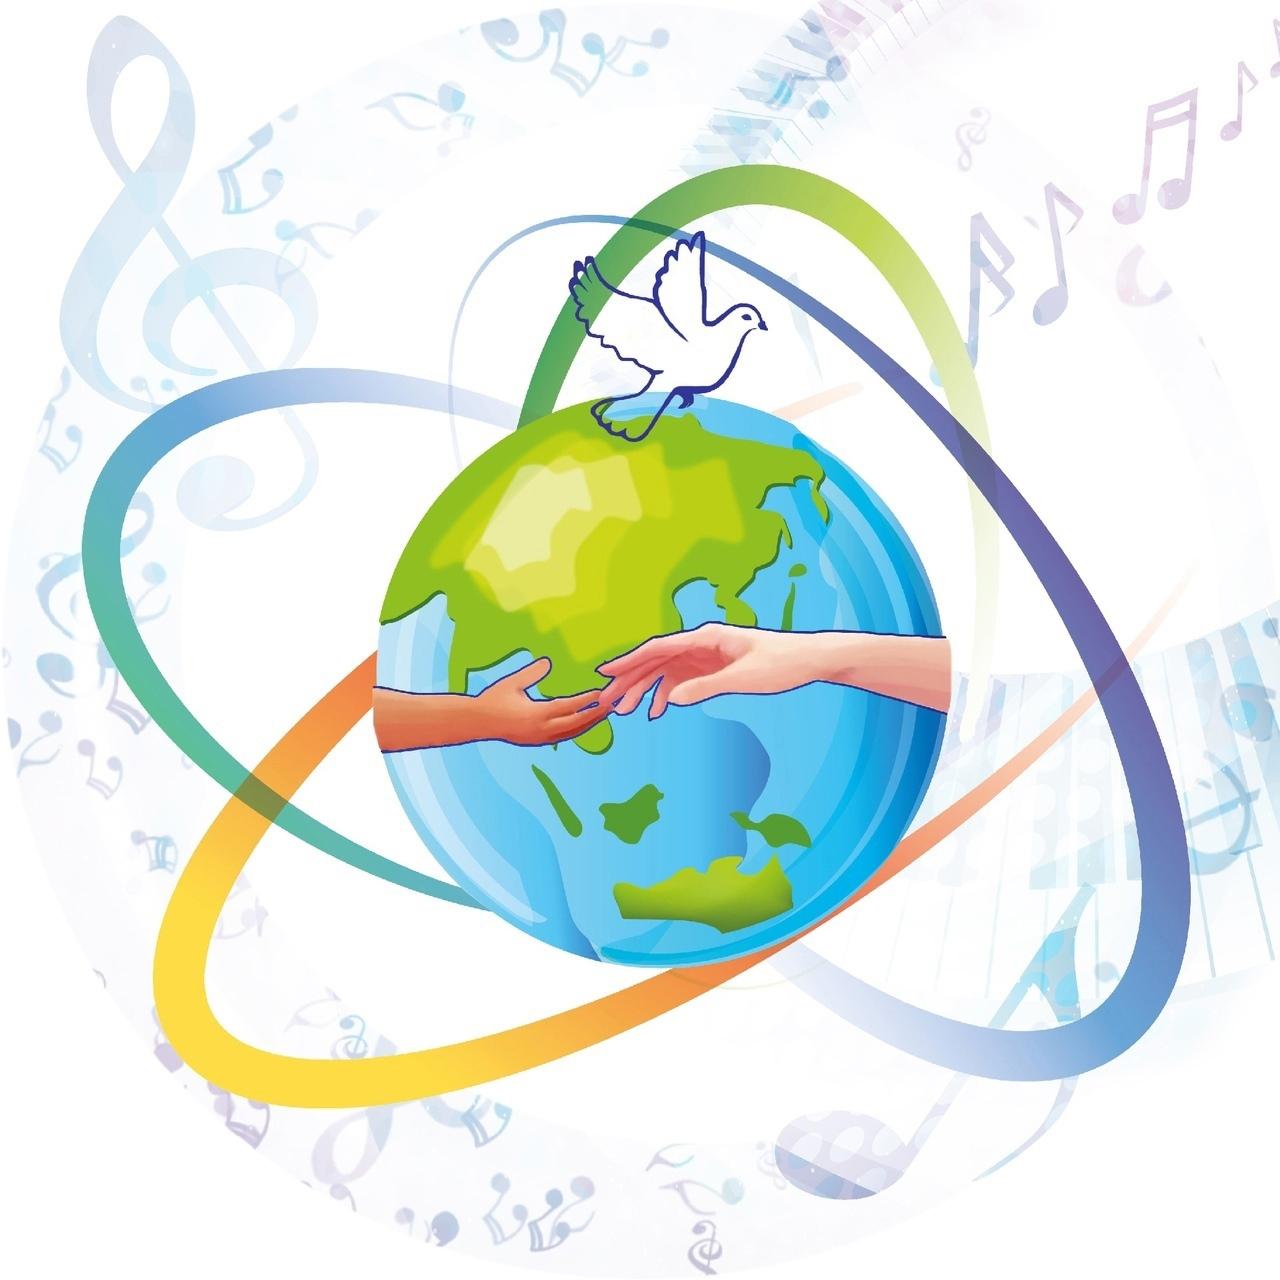 Юные музыканты из Петровска стали лауреатами международного конкурса инструментальной музыки